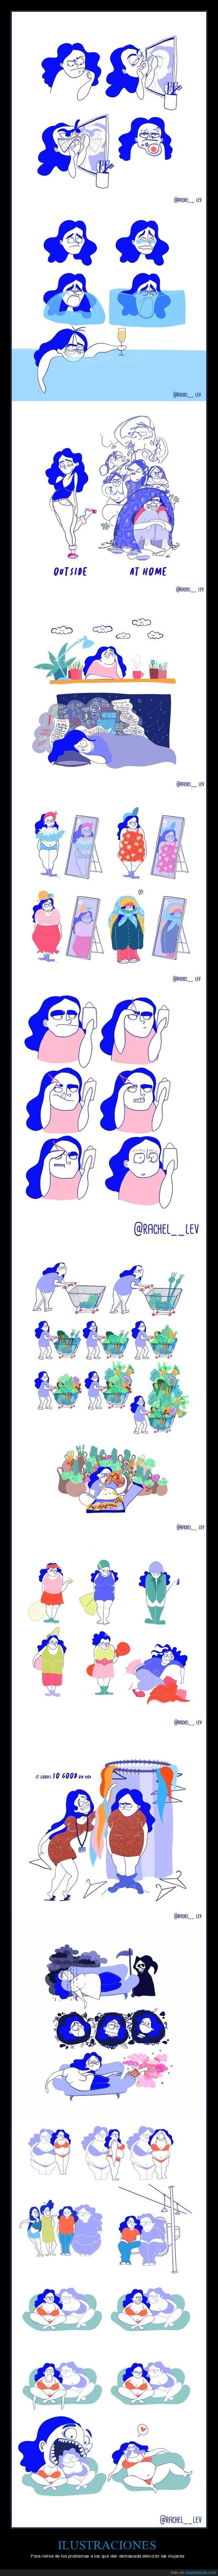 ilustraciones,mujeres,problemas